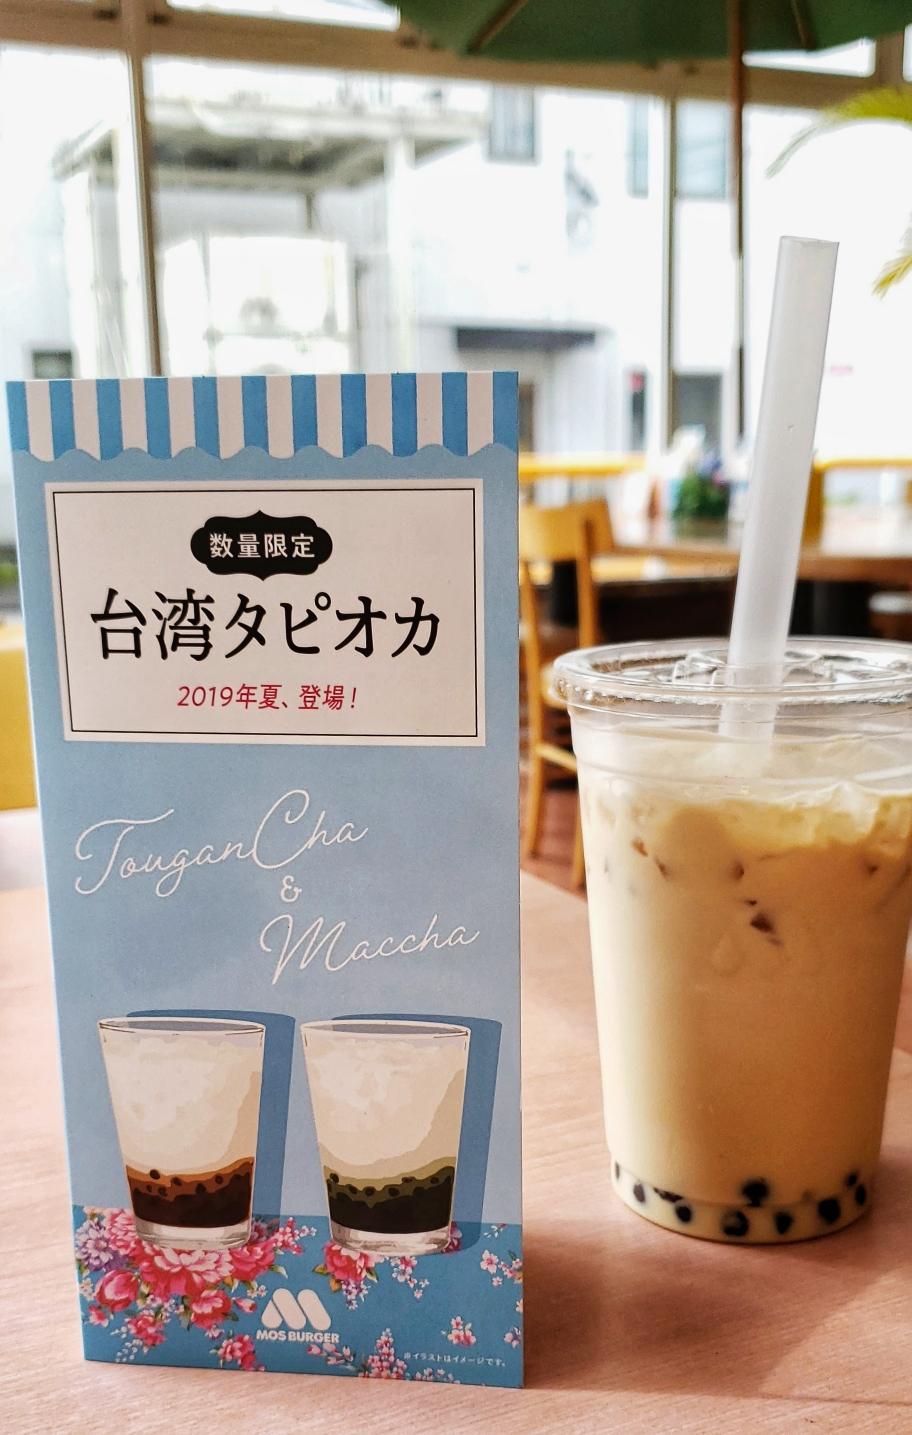 モスバーガー台湾タピオカ